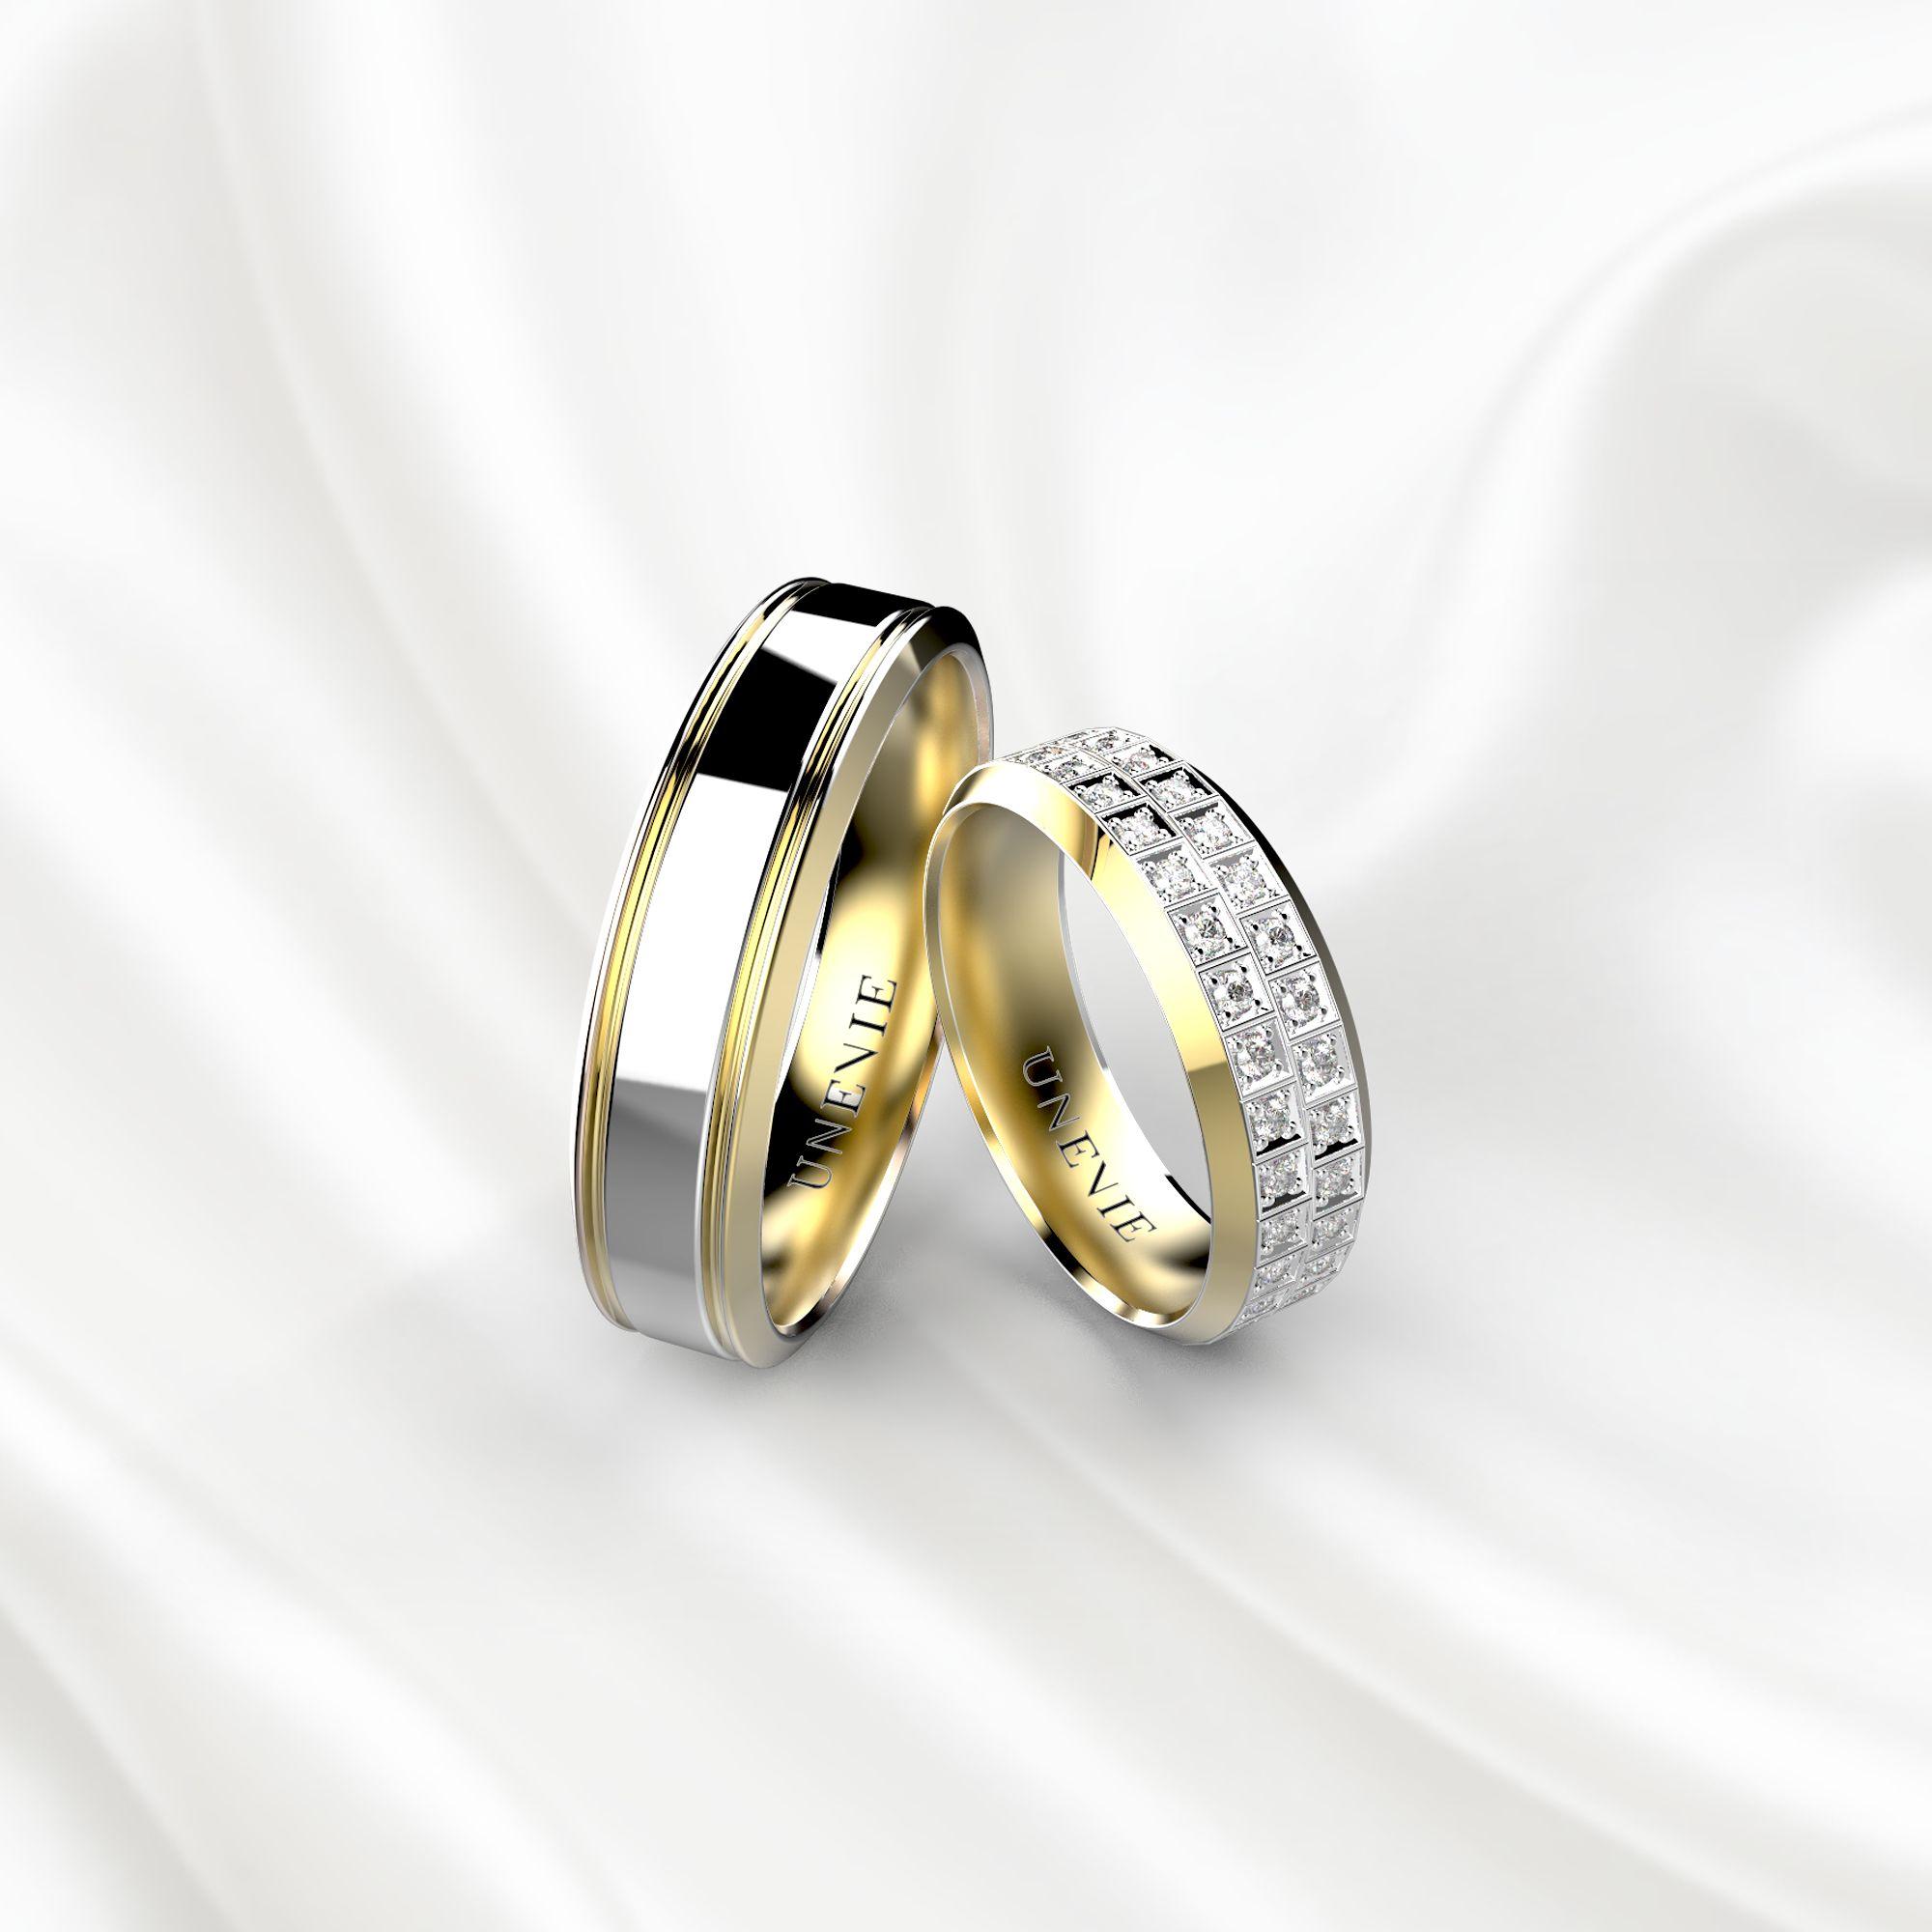 NV21 Обручальные кольца желто-белого золота